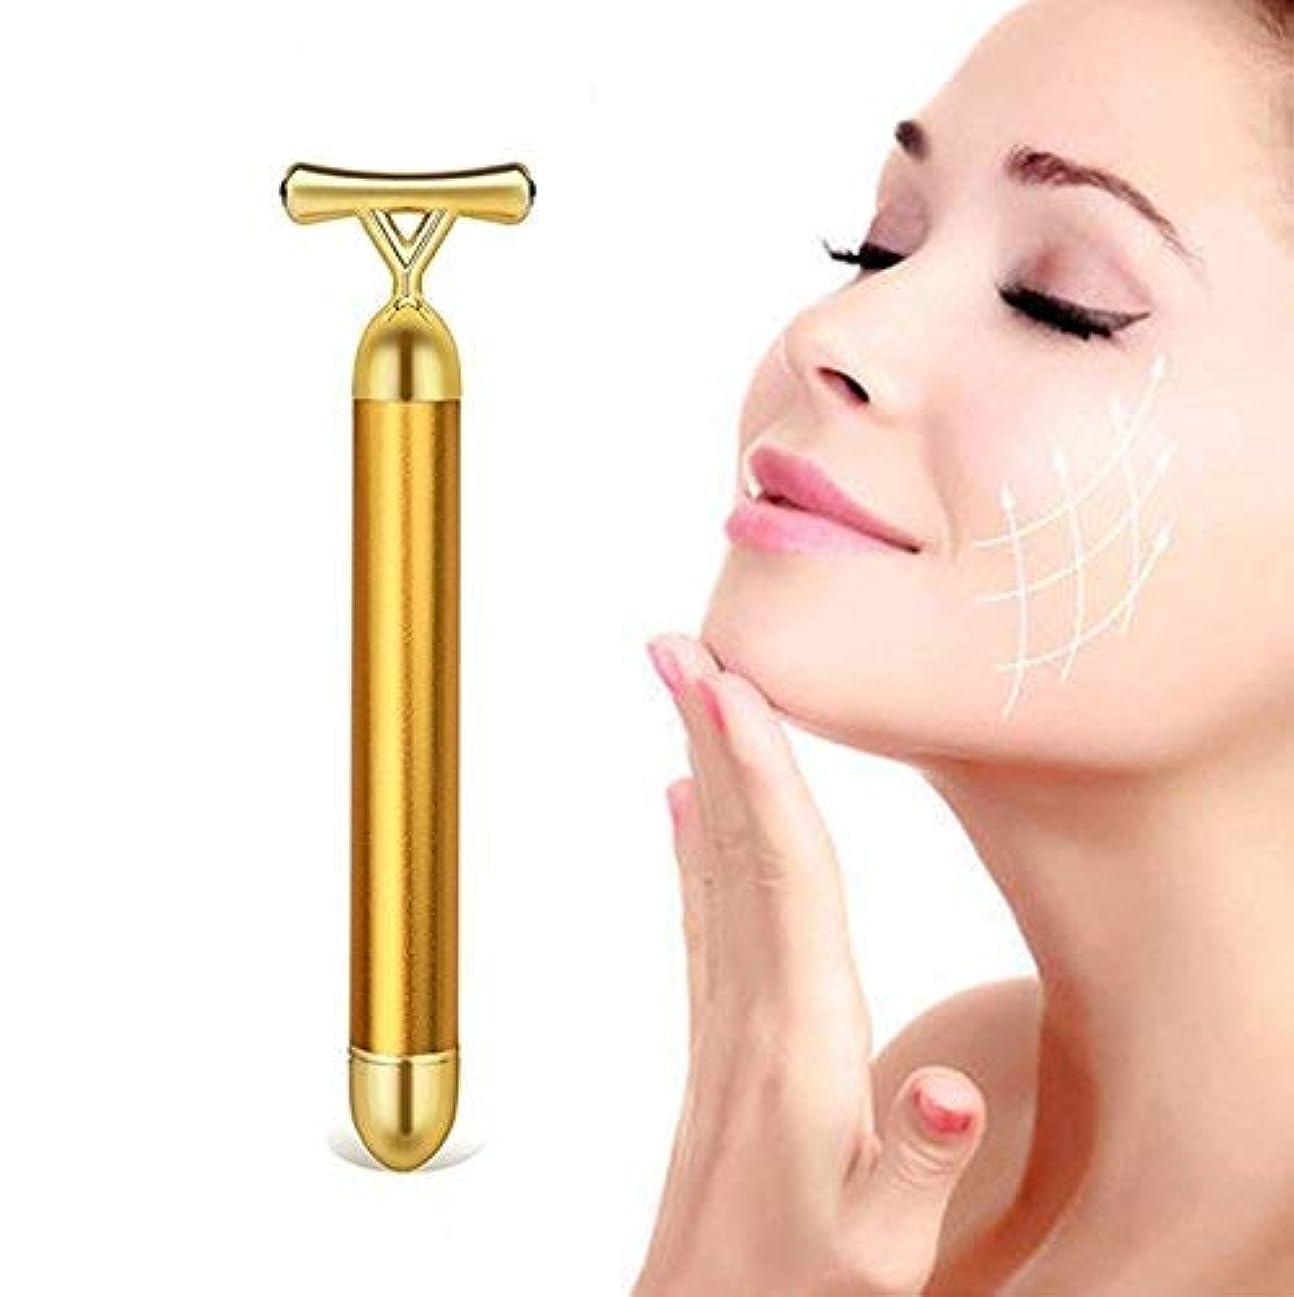 信者バルク聖域Beauty Bar 24k Golden Pulse Facial Massager Y-Shape Electric Face Massage Tools Gold Stick Skincare Wrinkle Treatment...